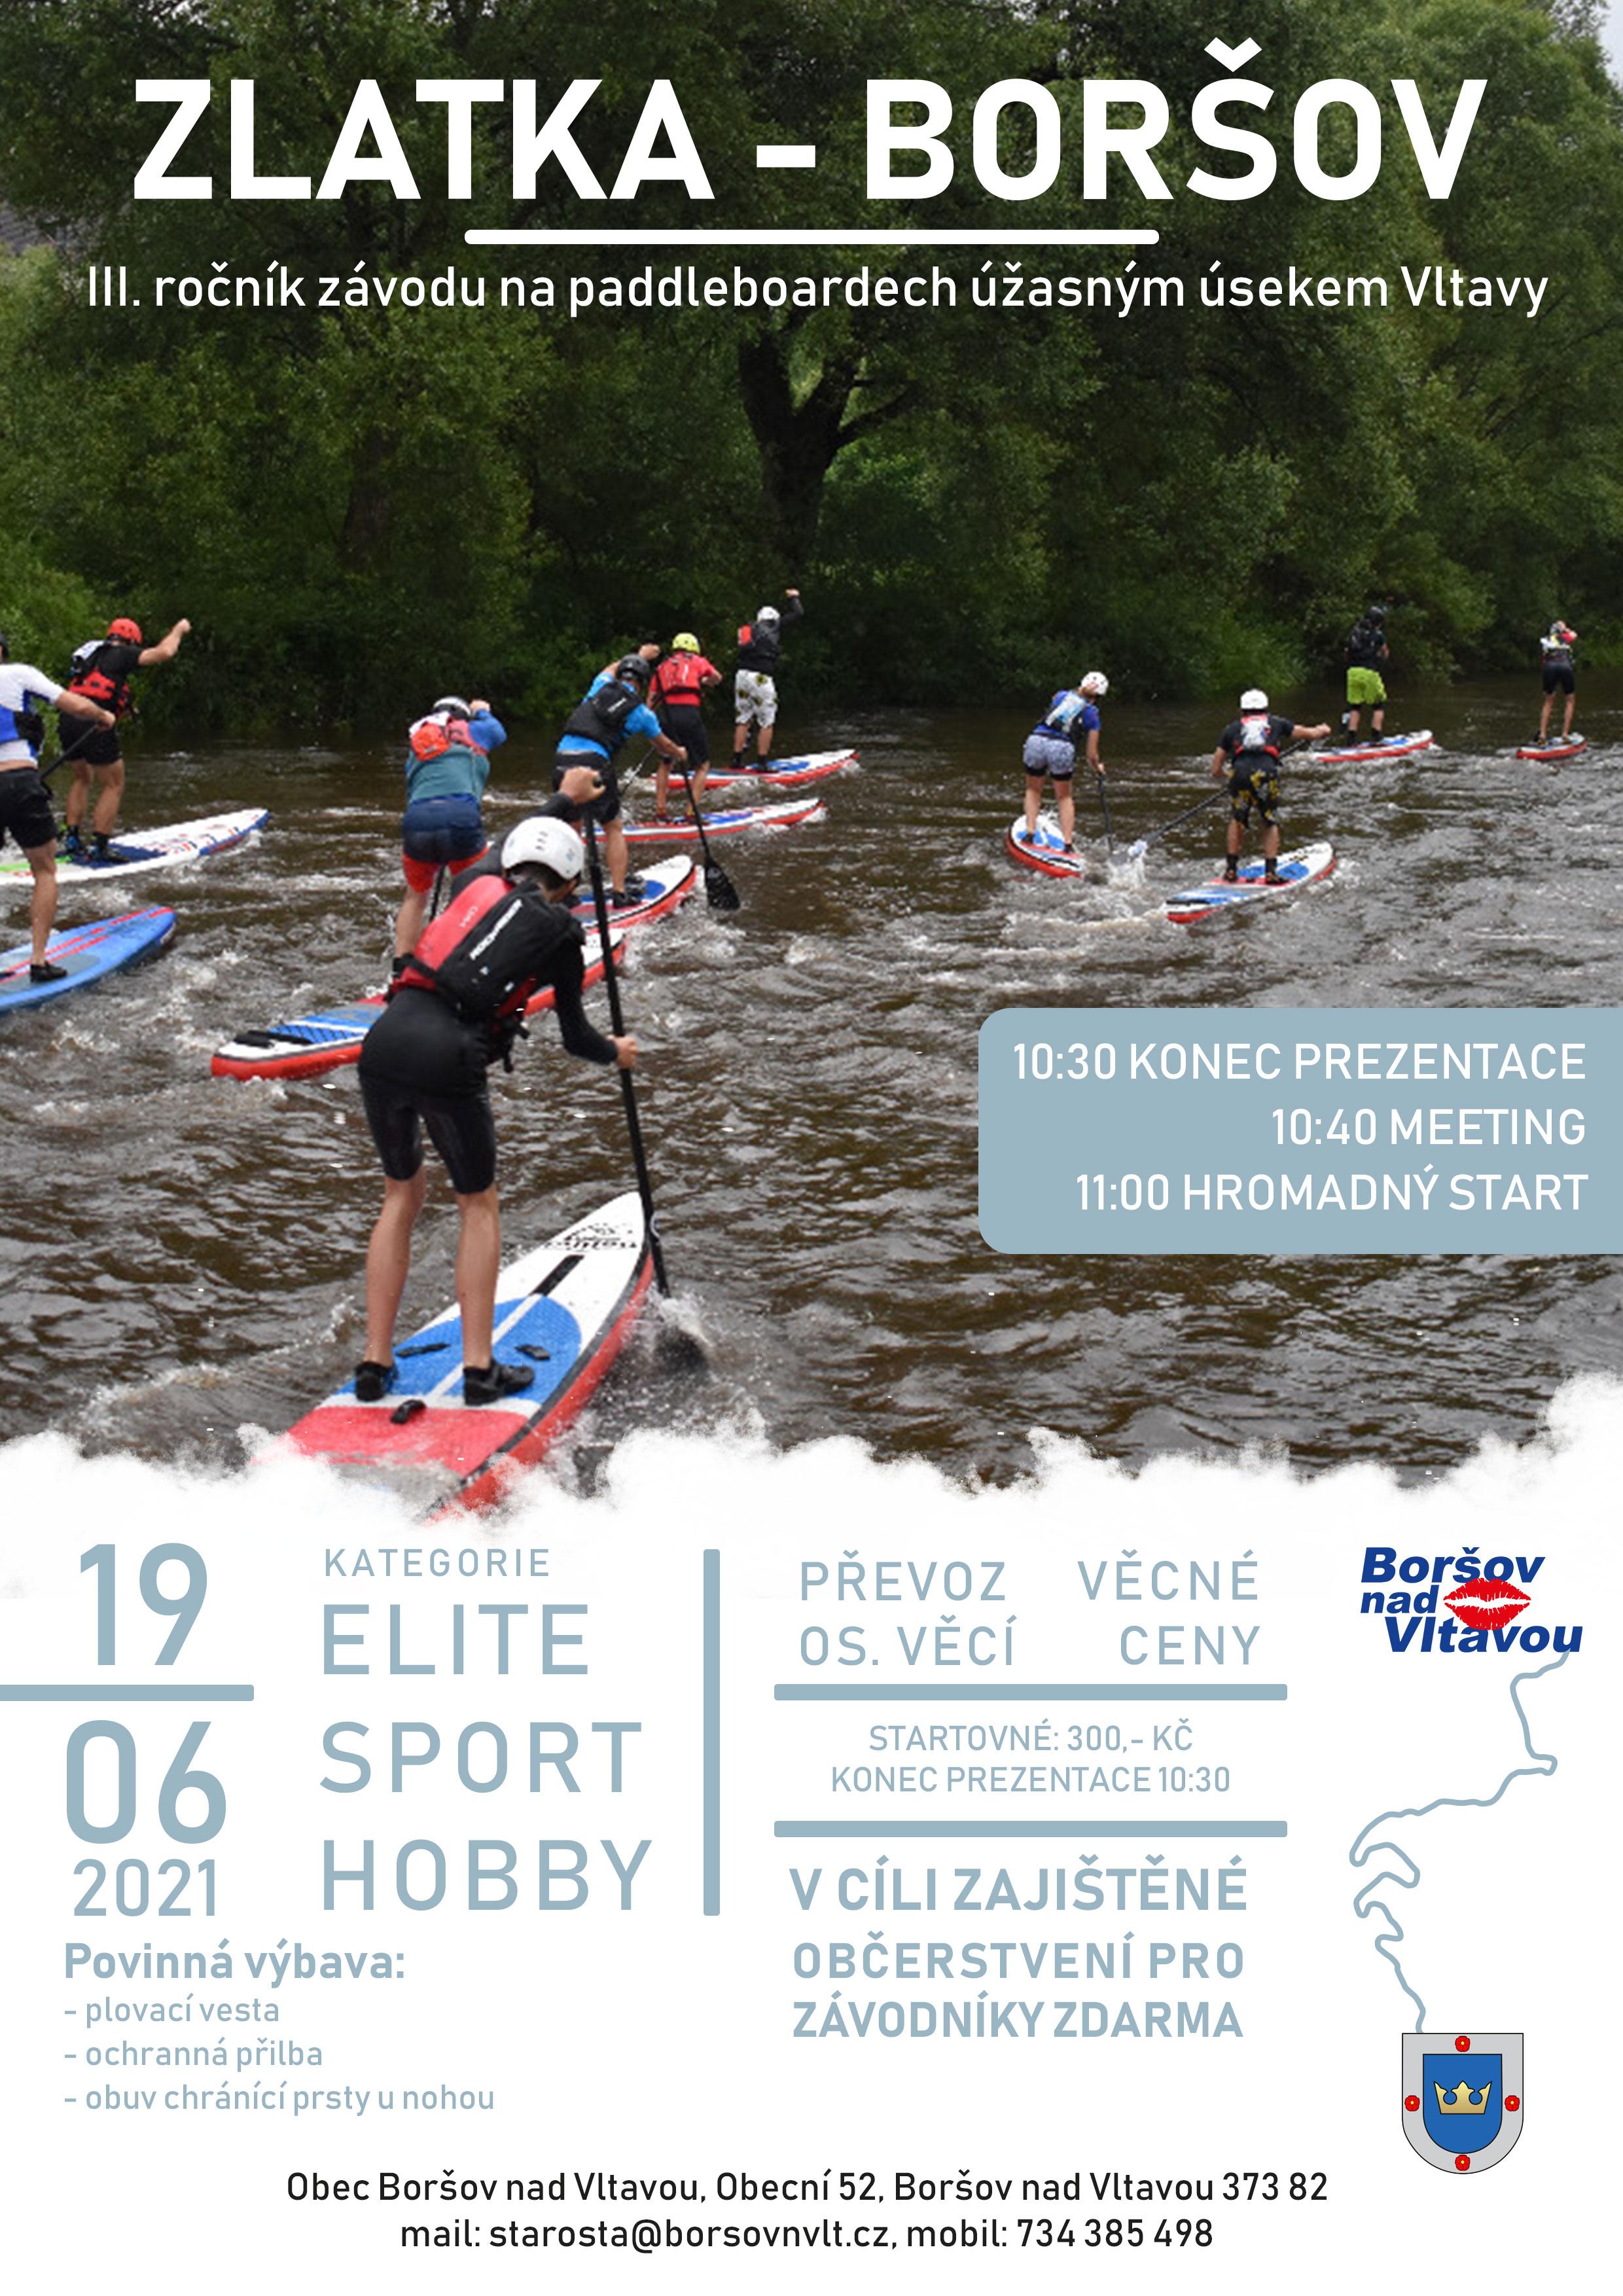 Zlatka - Boršov III. ročník závodu na paddleboardech úžasným úsekem Vltavy